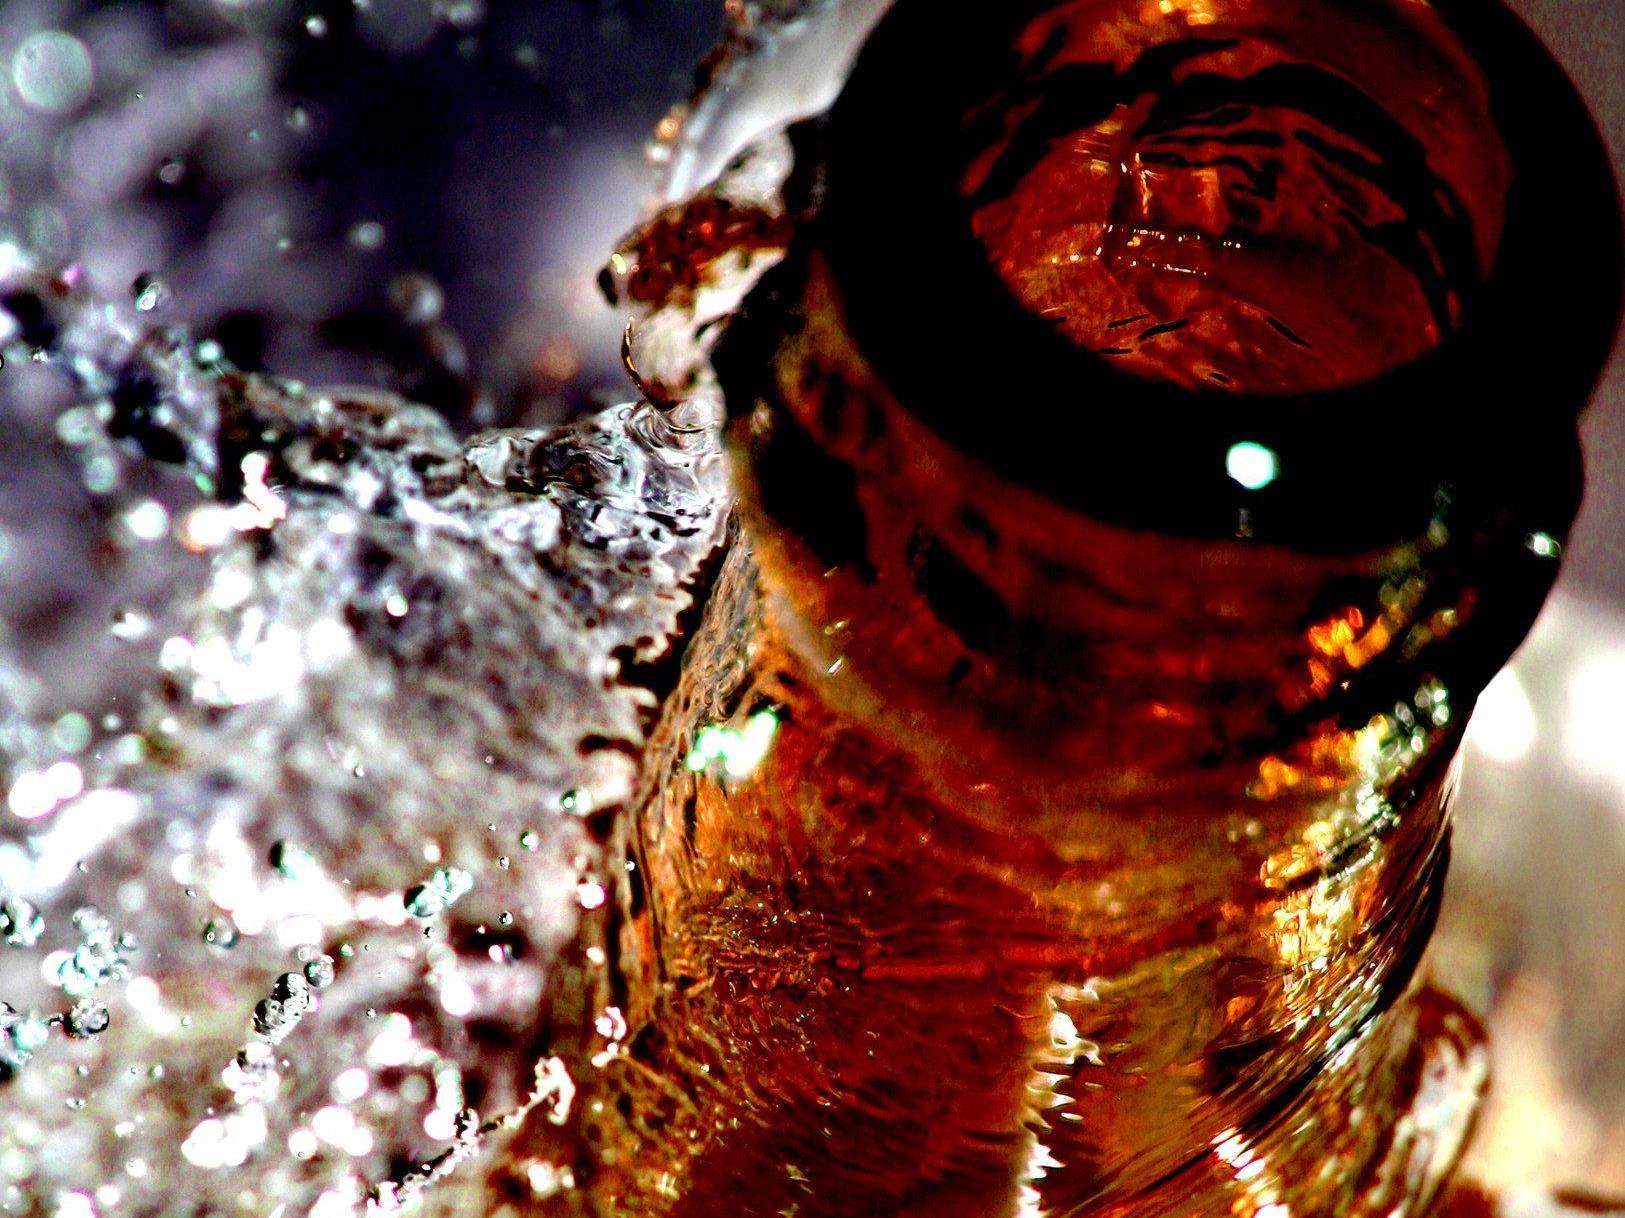 Mit Hilfe von Hochgeschwindigkeitskameras konnten Forscher zeigen, warum Bier überschäumt